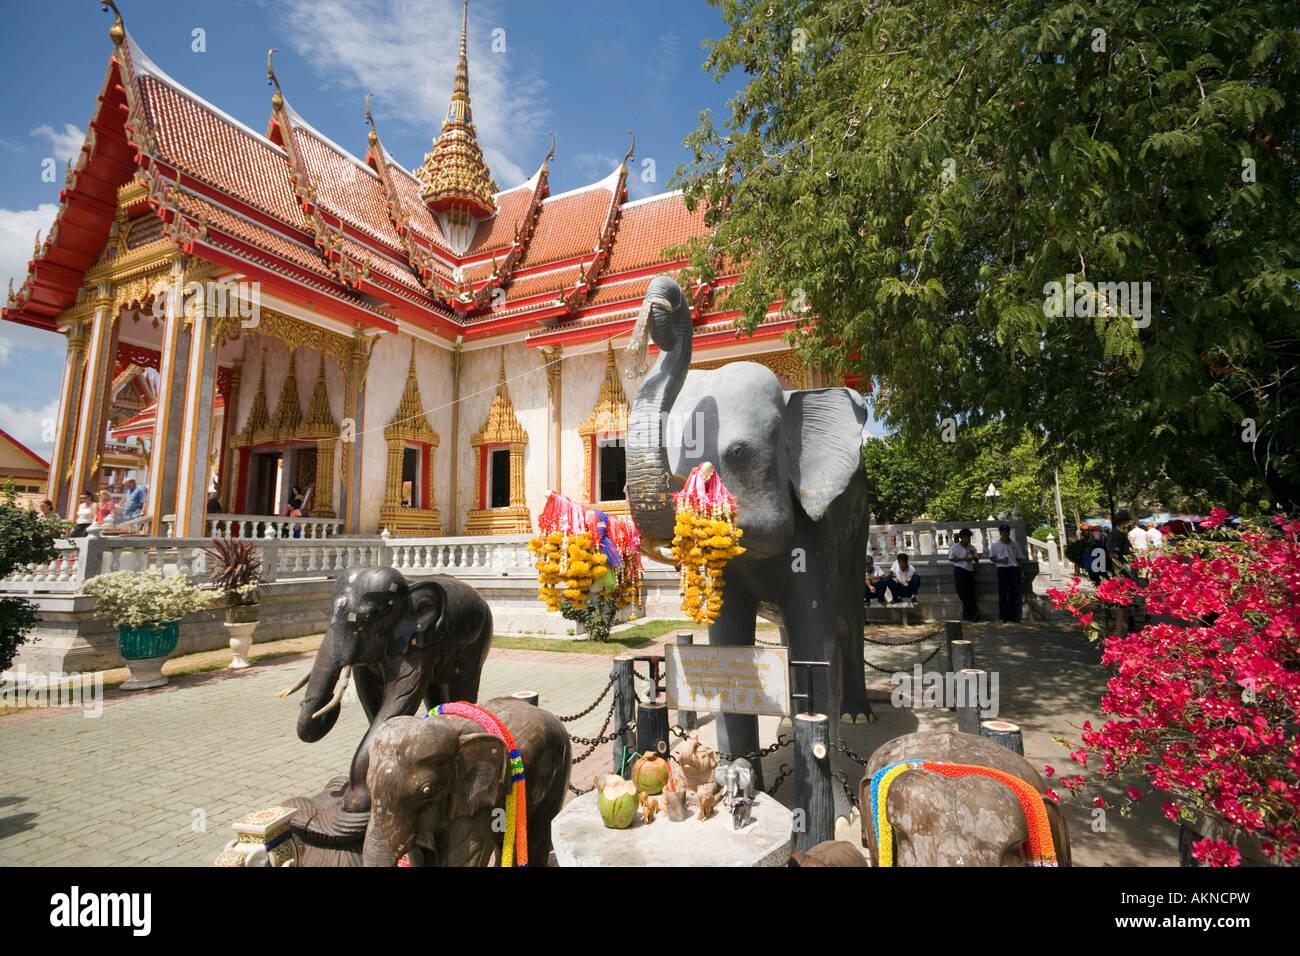 Elephants near of Ubosot Wat Chalong Phuket Thailand Stock Photo